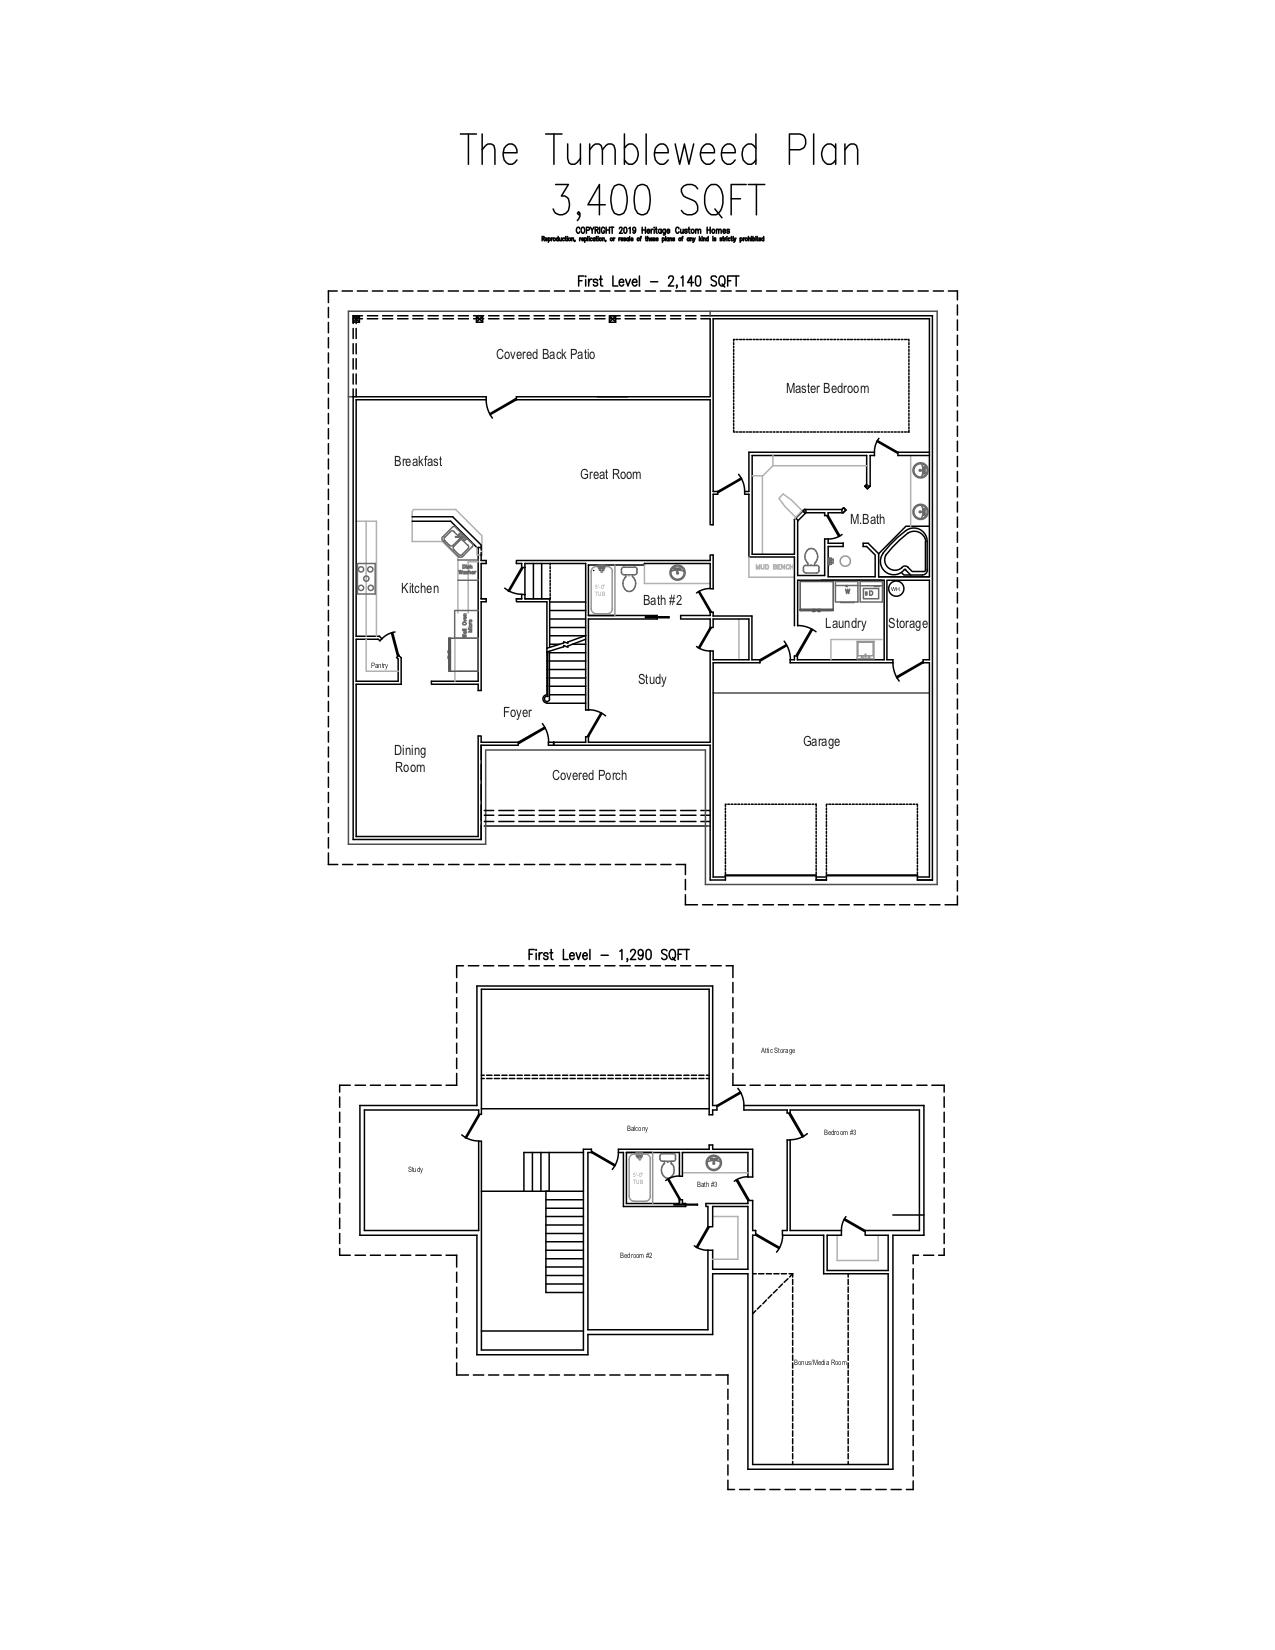 The Tumbleweed Floorplan